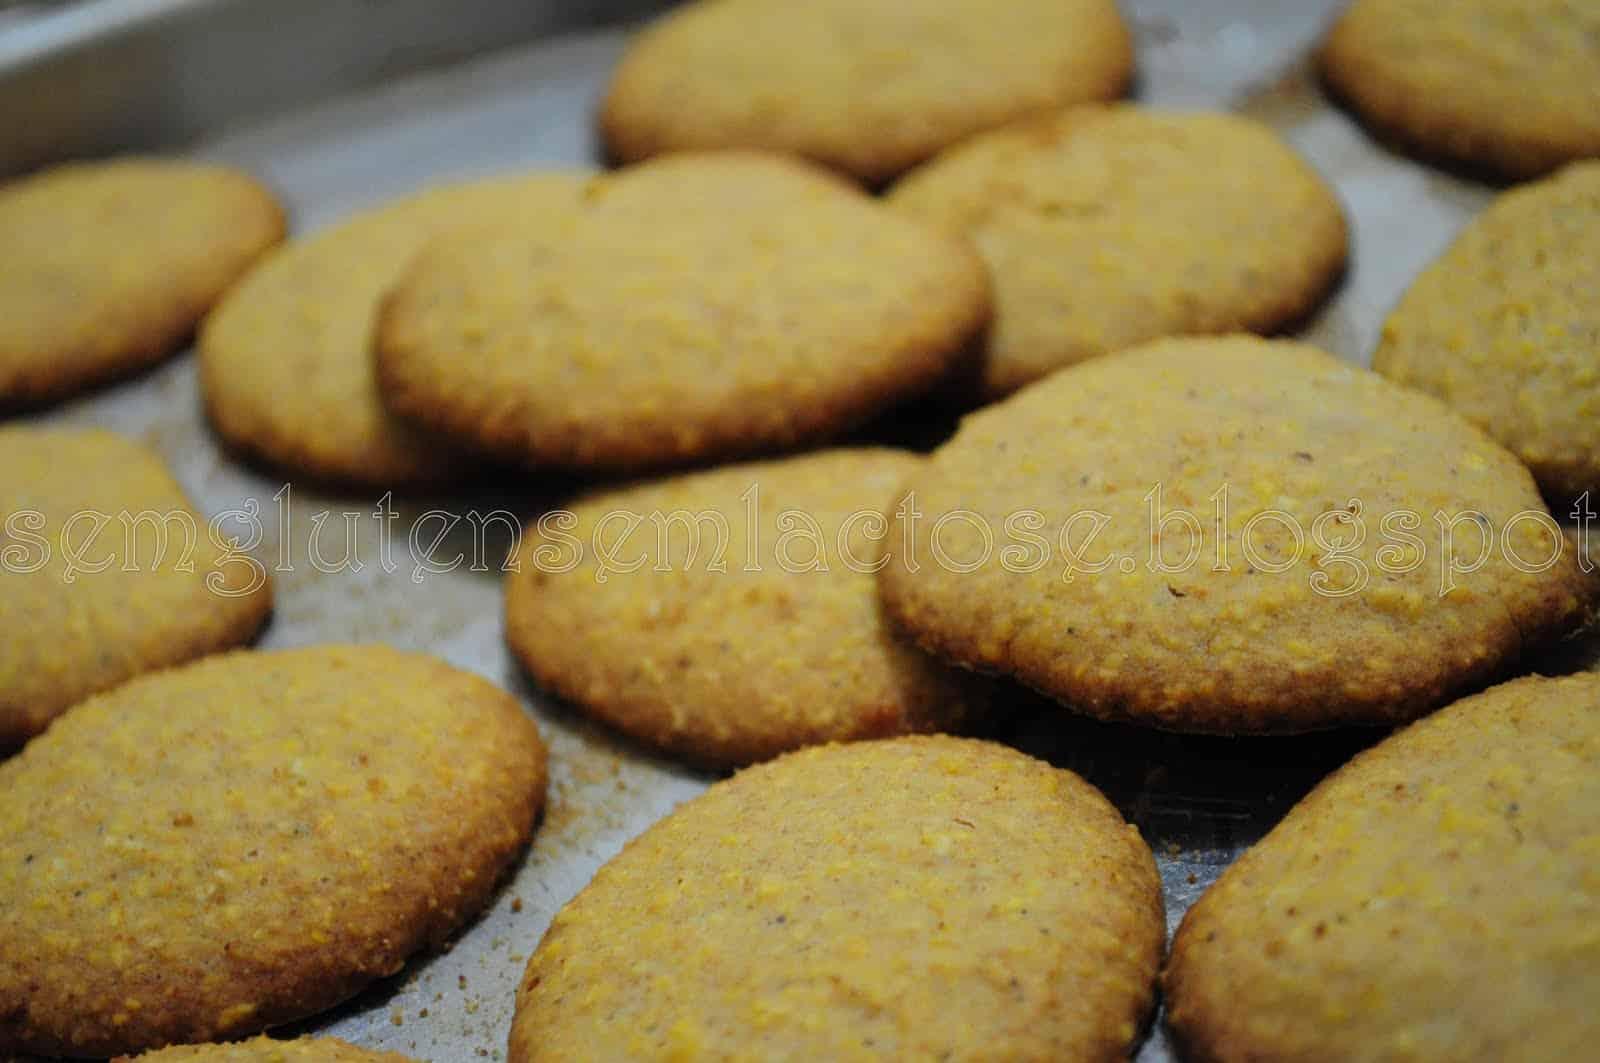 biscoito com leite de coco sem glúten sem lactose